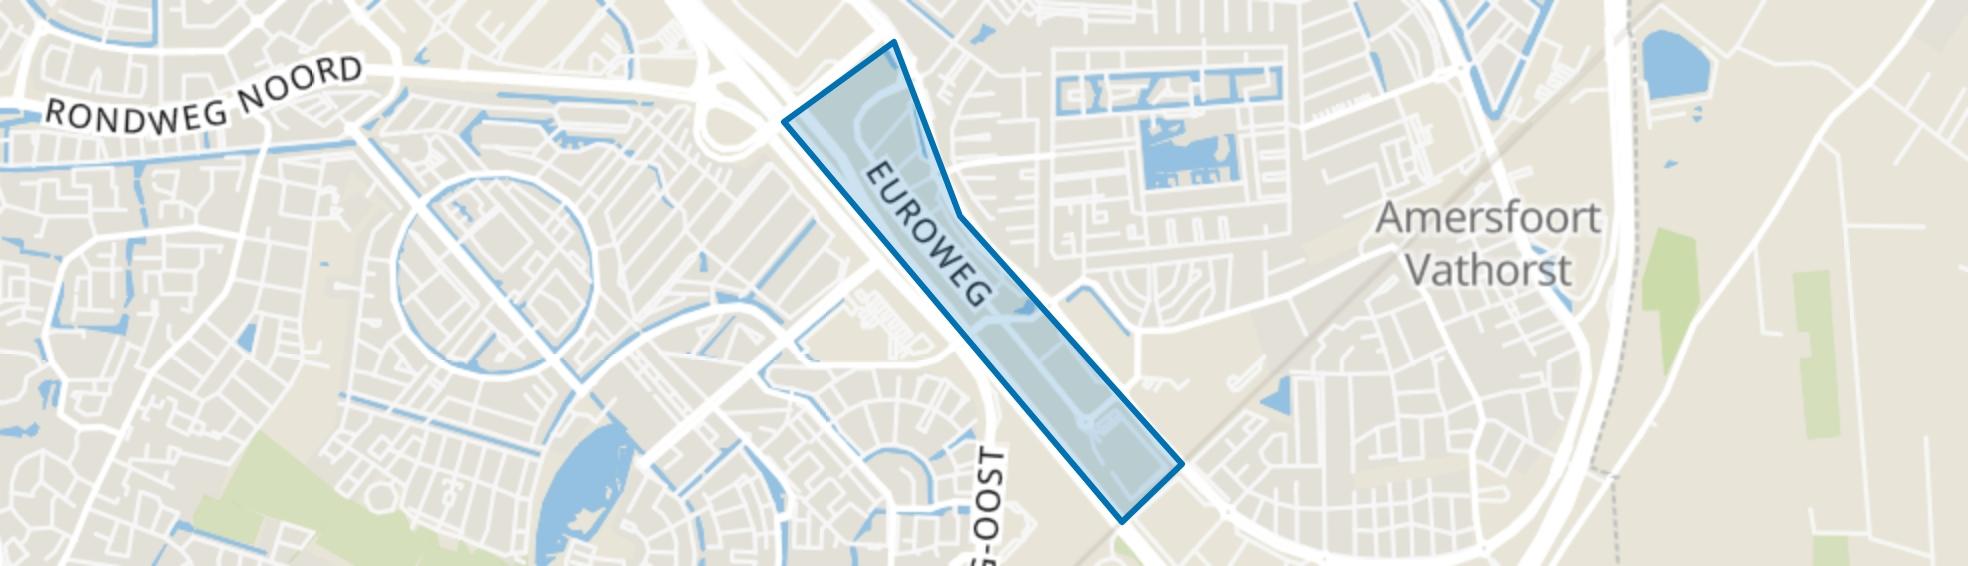 Bedrijventerrein Vathorst-Noord, Amersfoort map